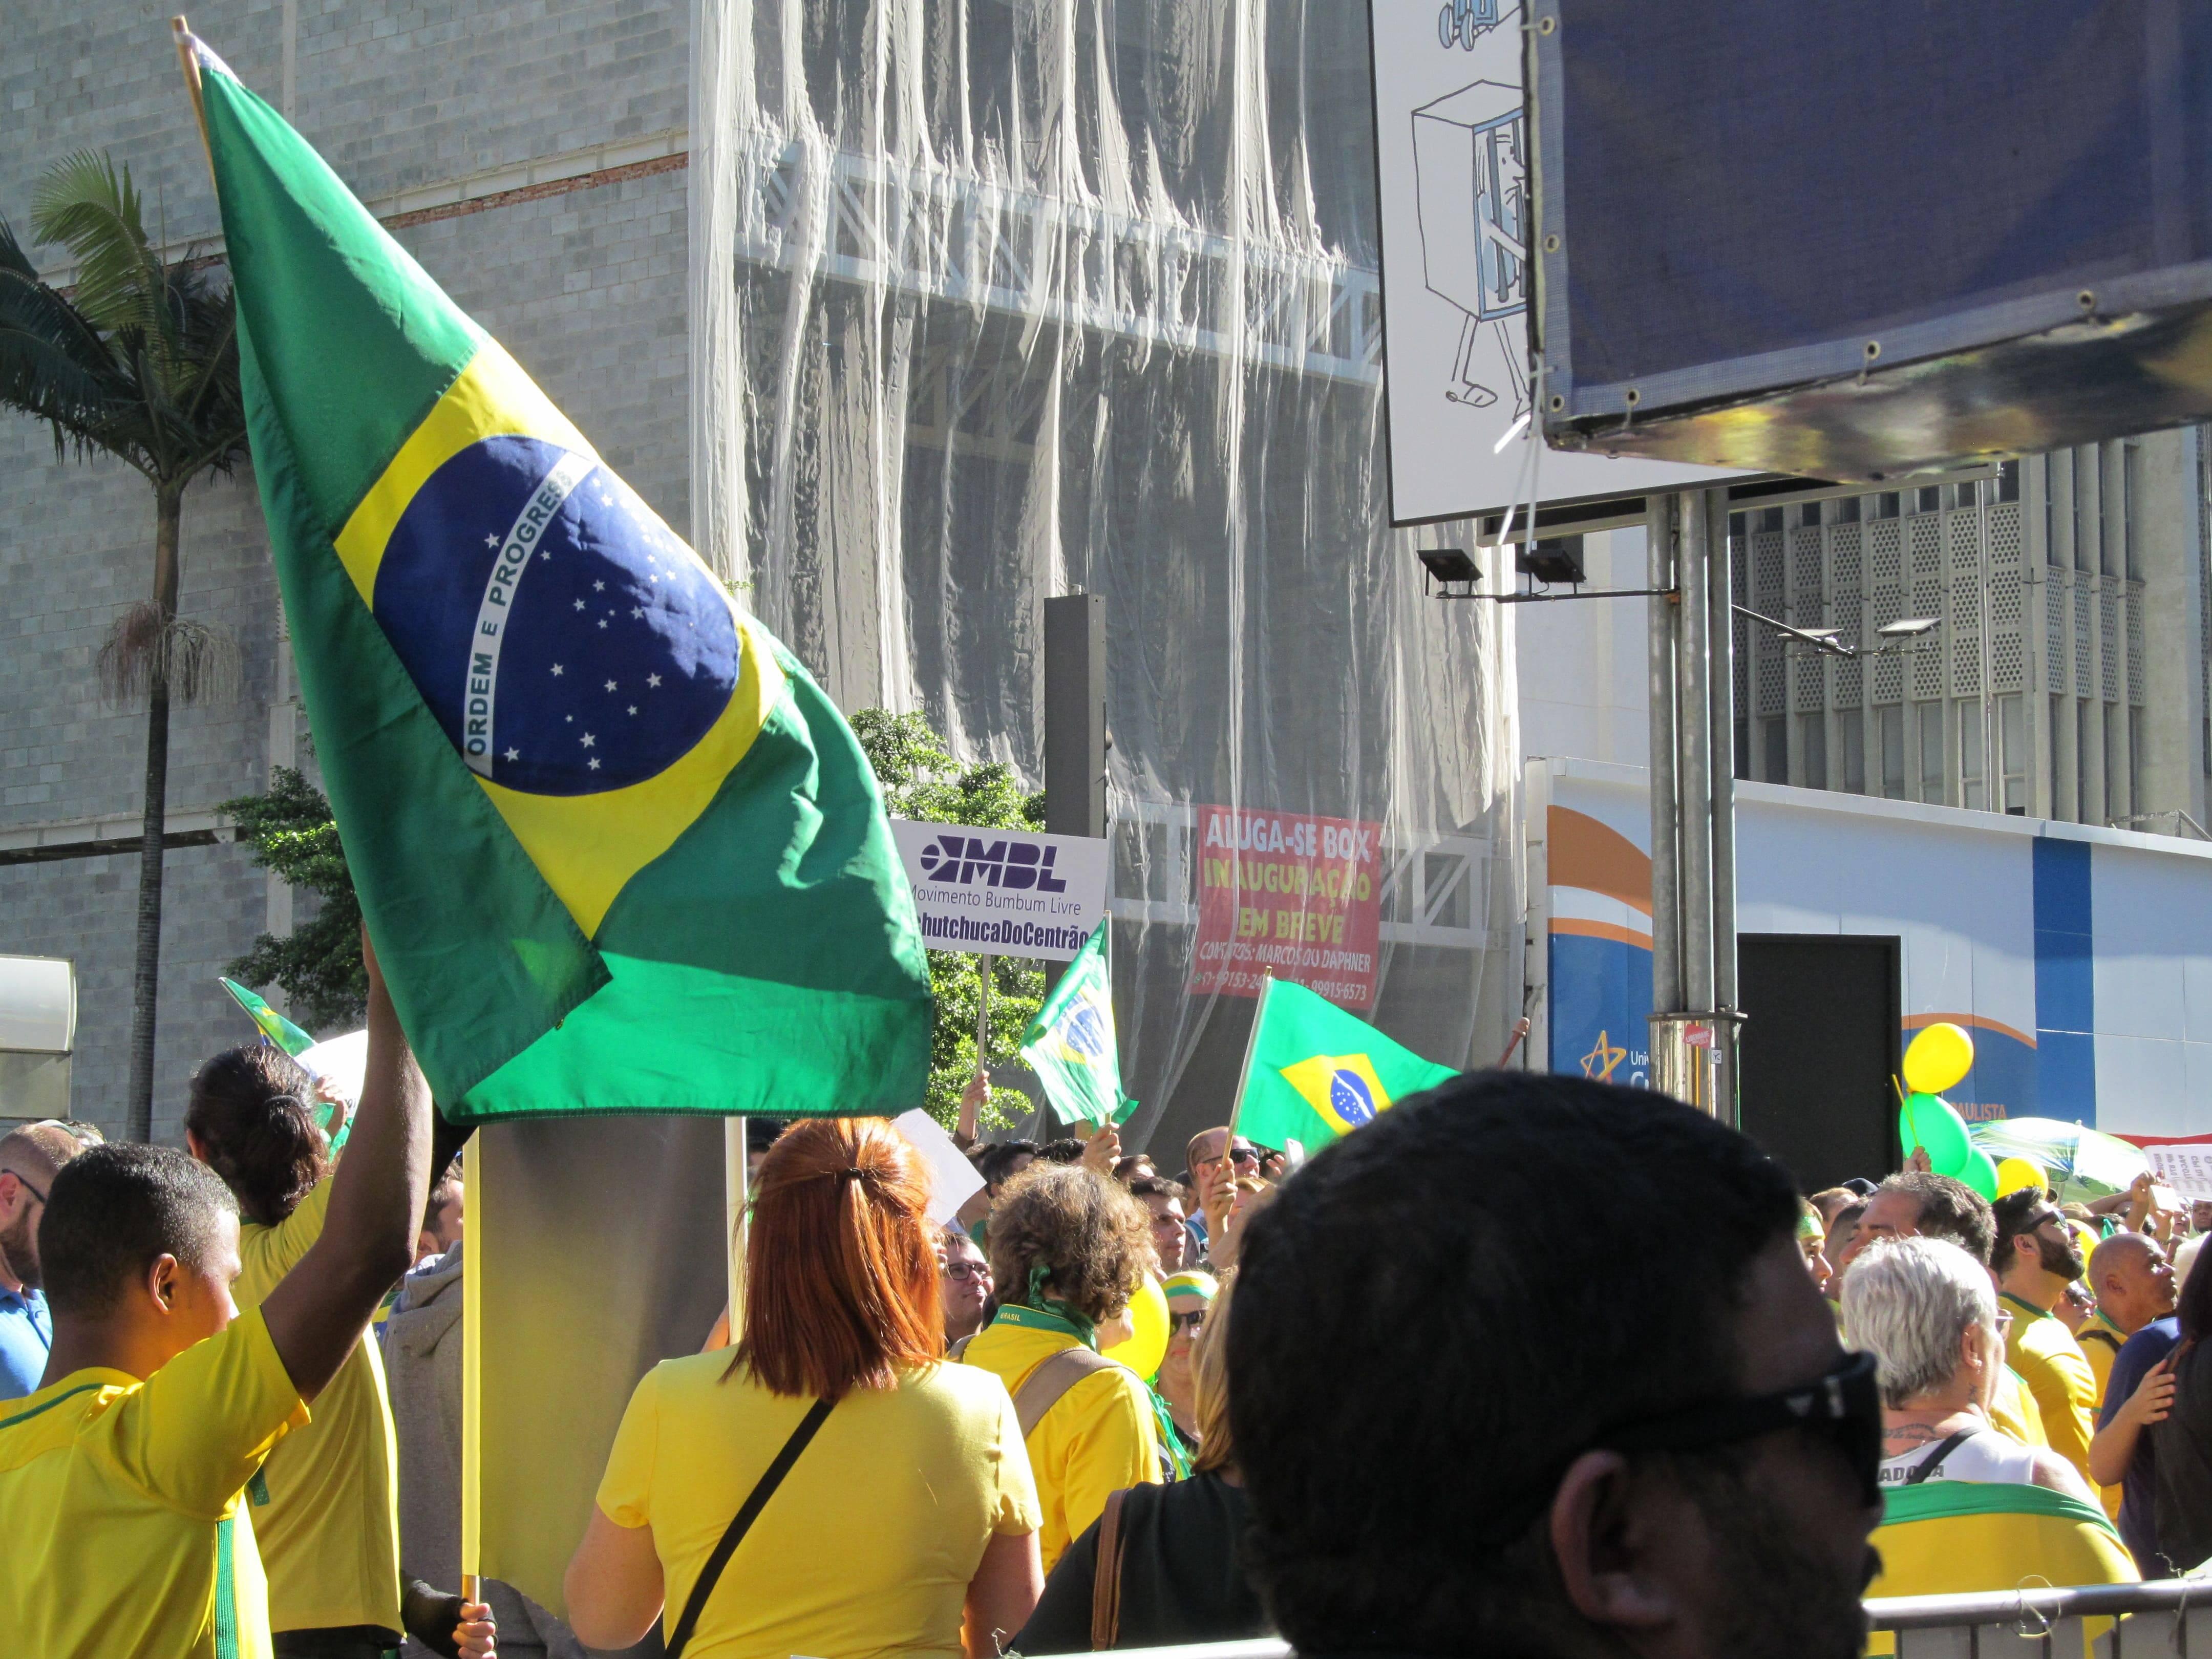 Manifestantes aguardavam ansiosos os discursos dos youtubers  . Foto: João Cesar Diaz